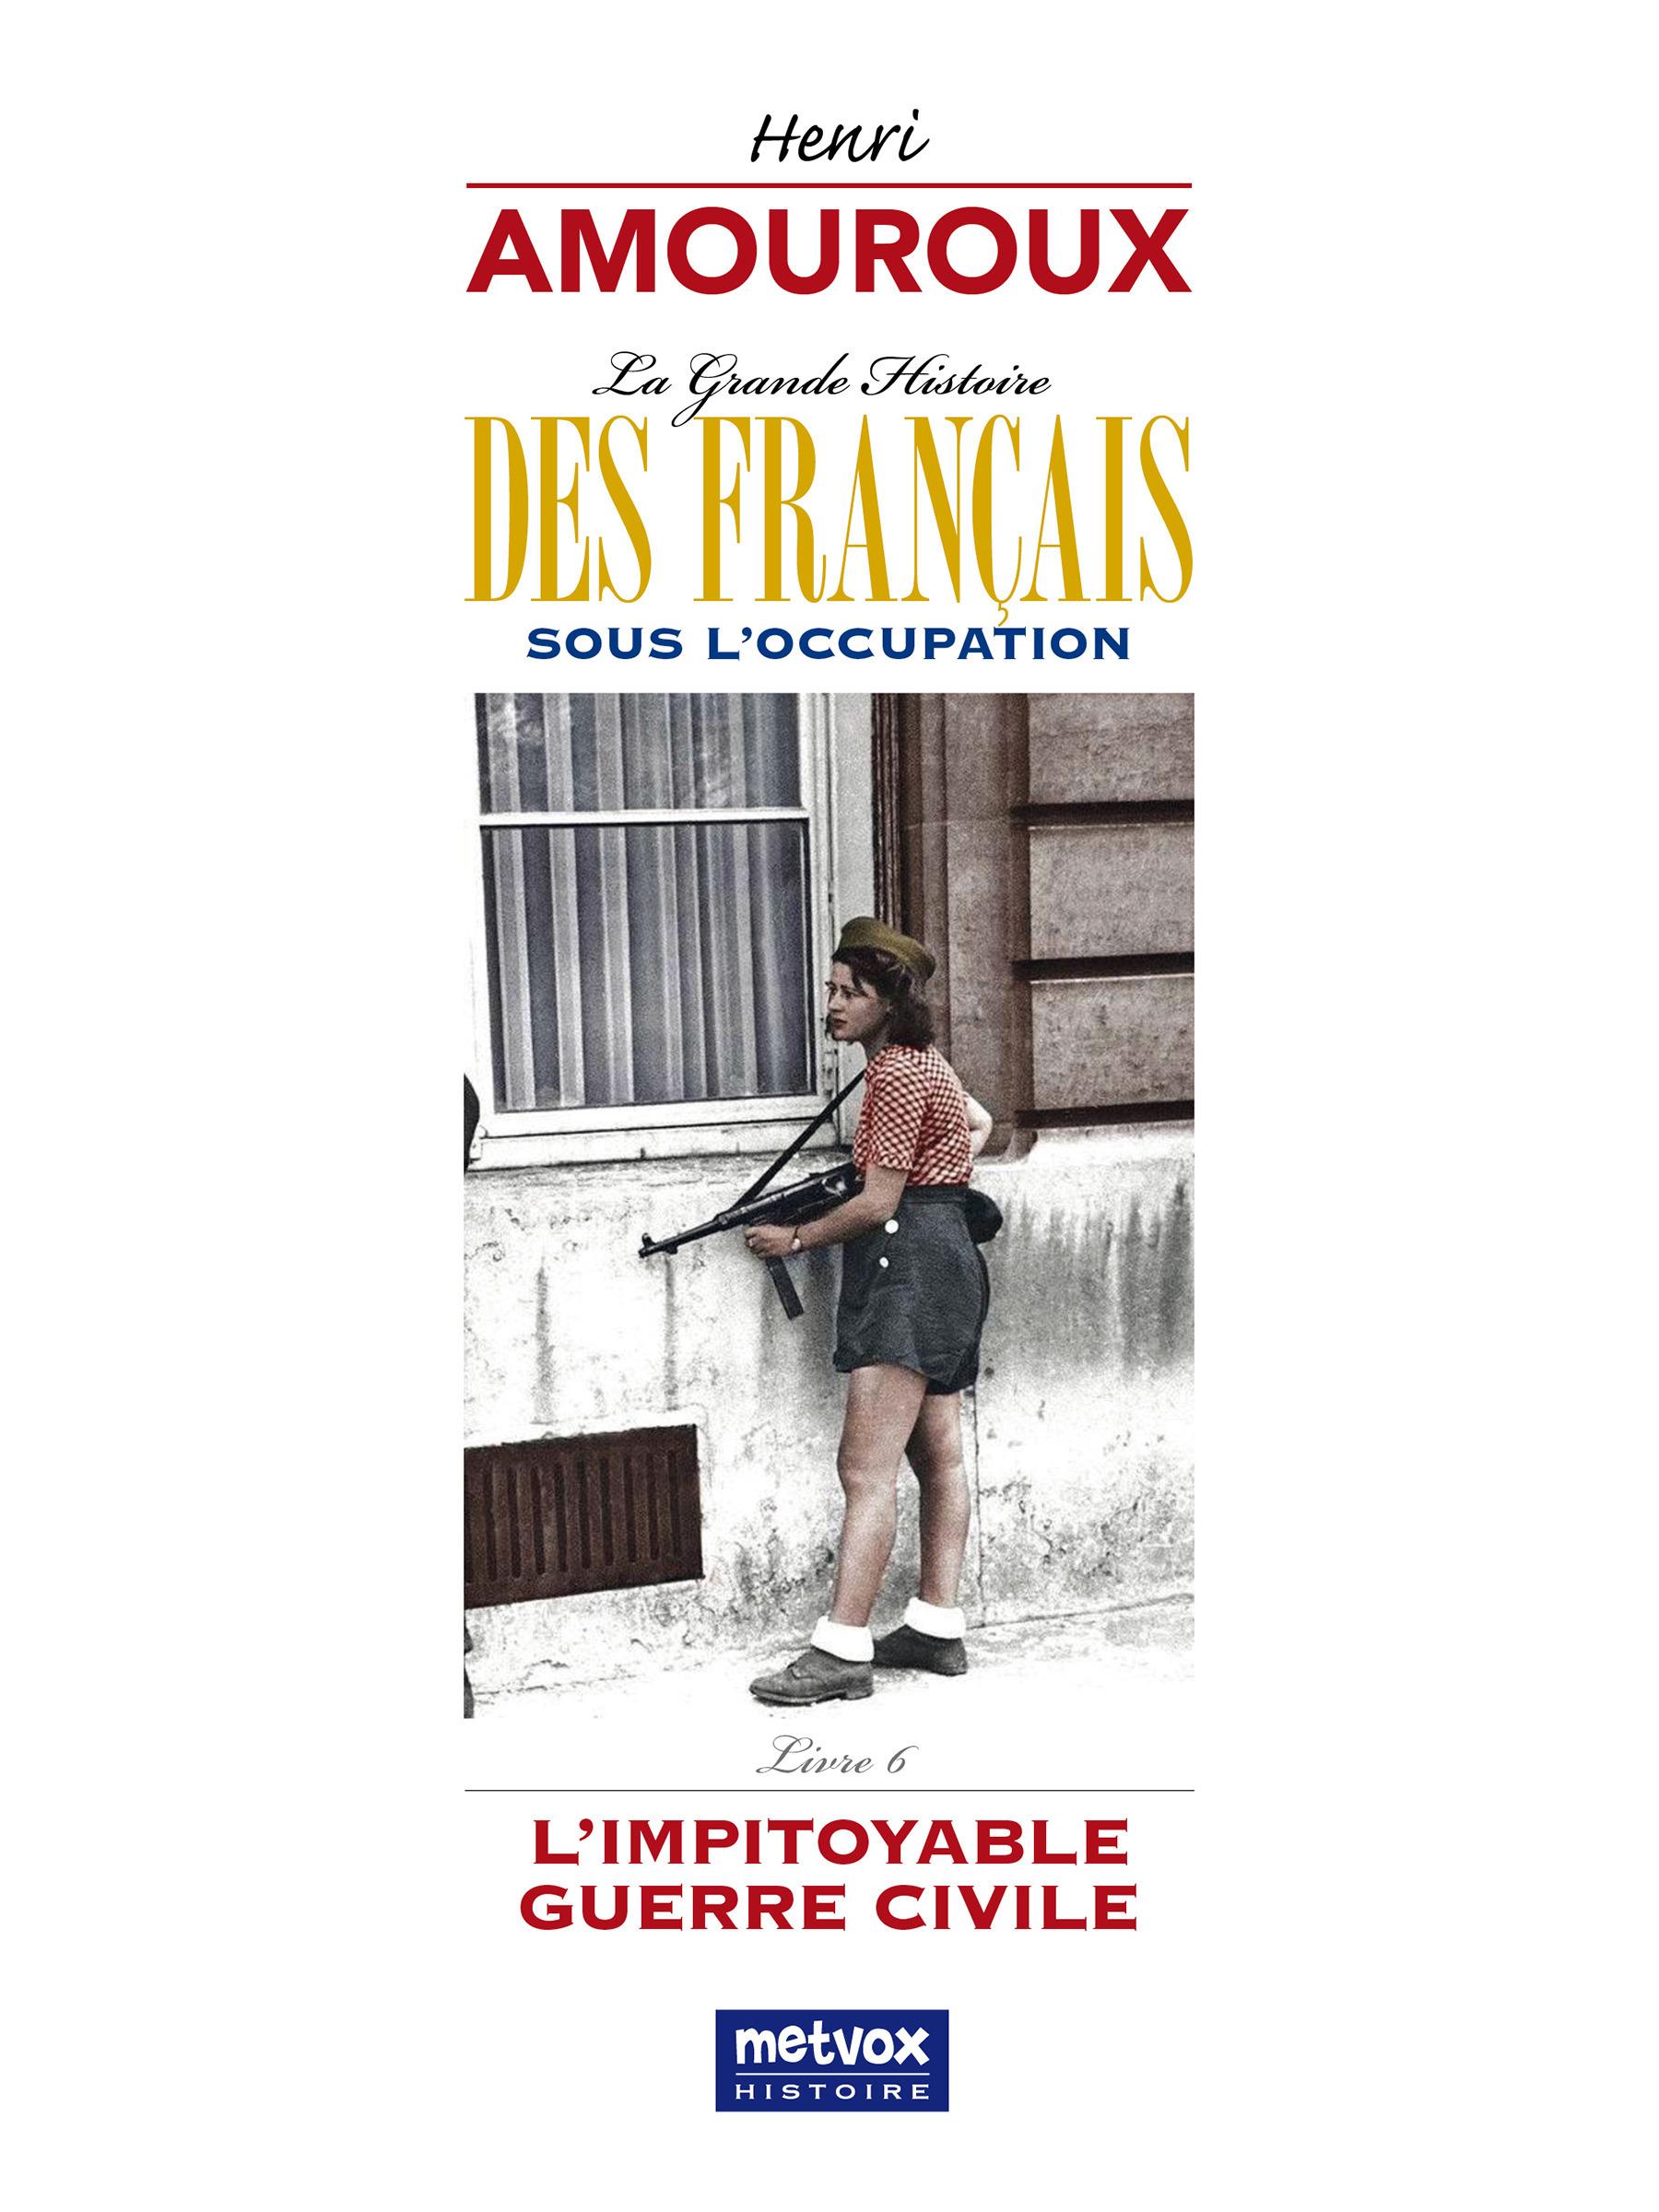 La Grande Histoire des Français sous l'Occupation - Livre 6  - Henri Amouroux